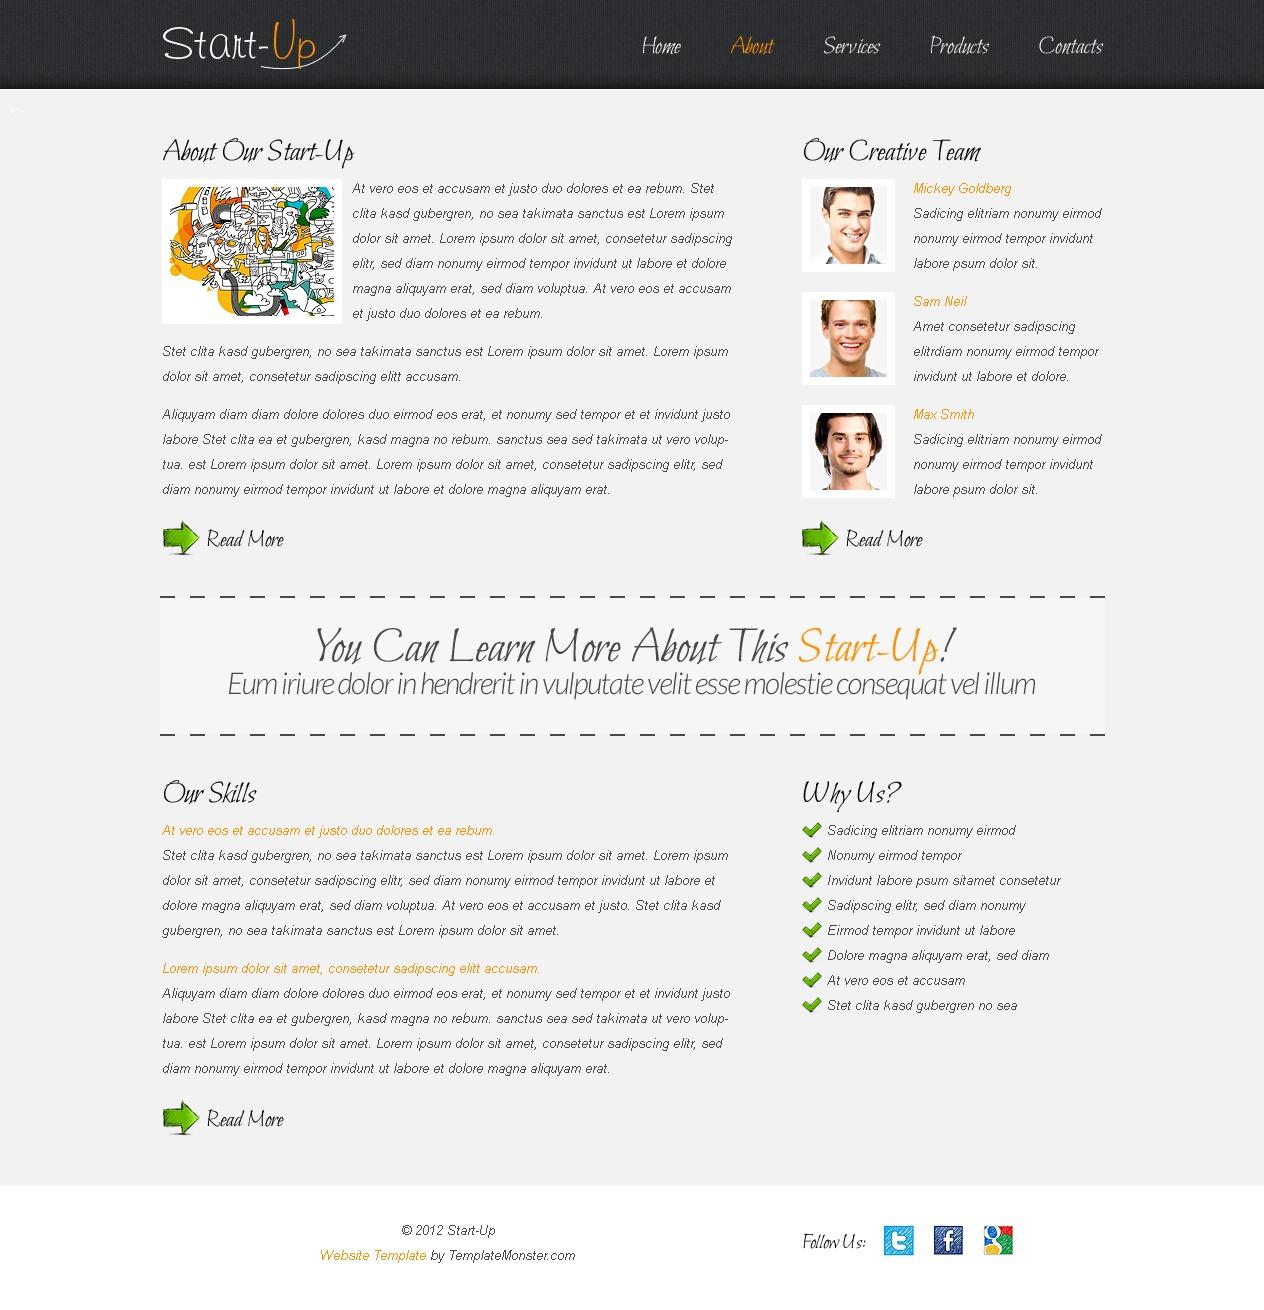 Free Website Template for a Business Website Website Template - screenshot